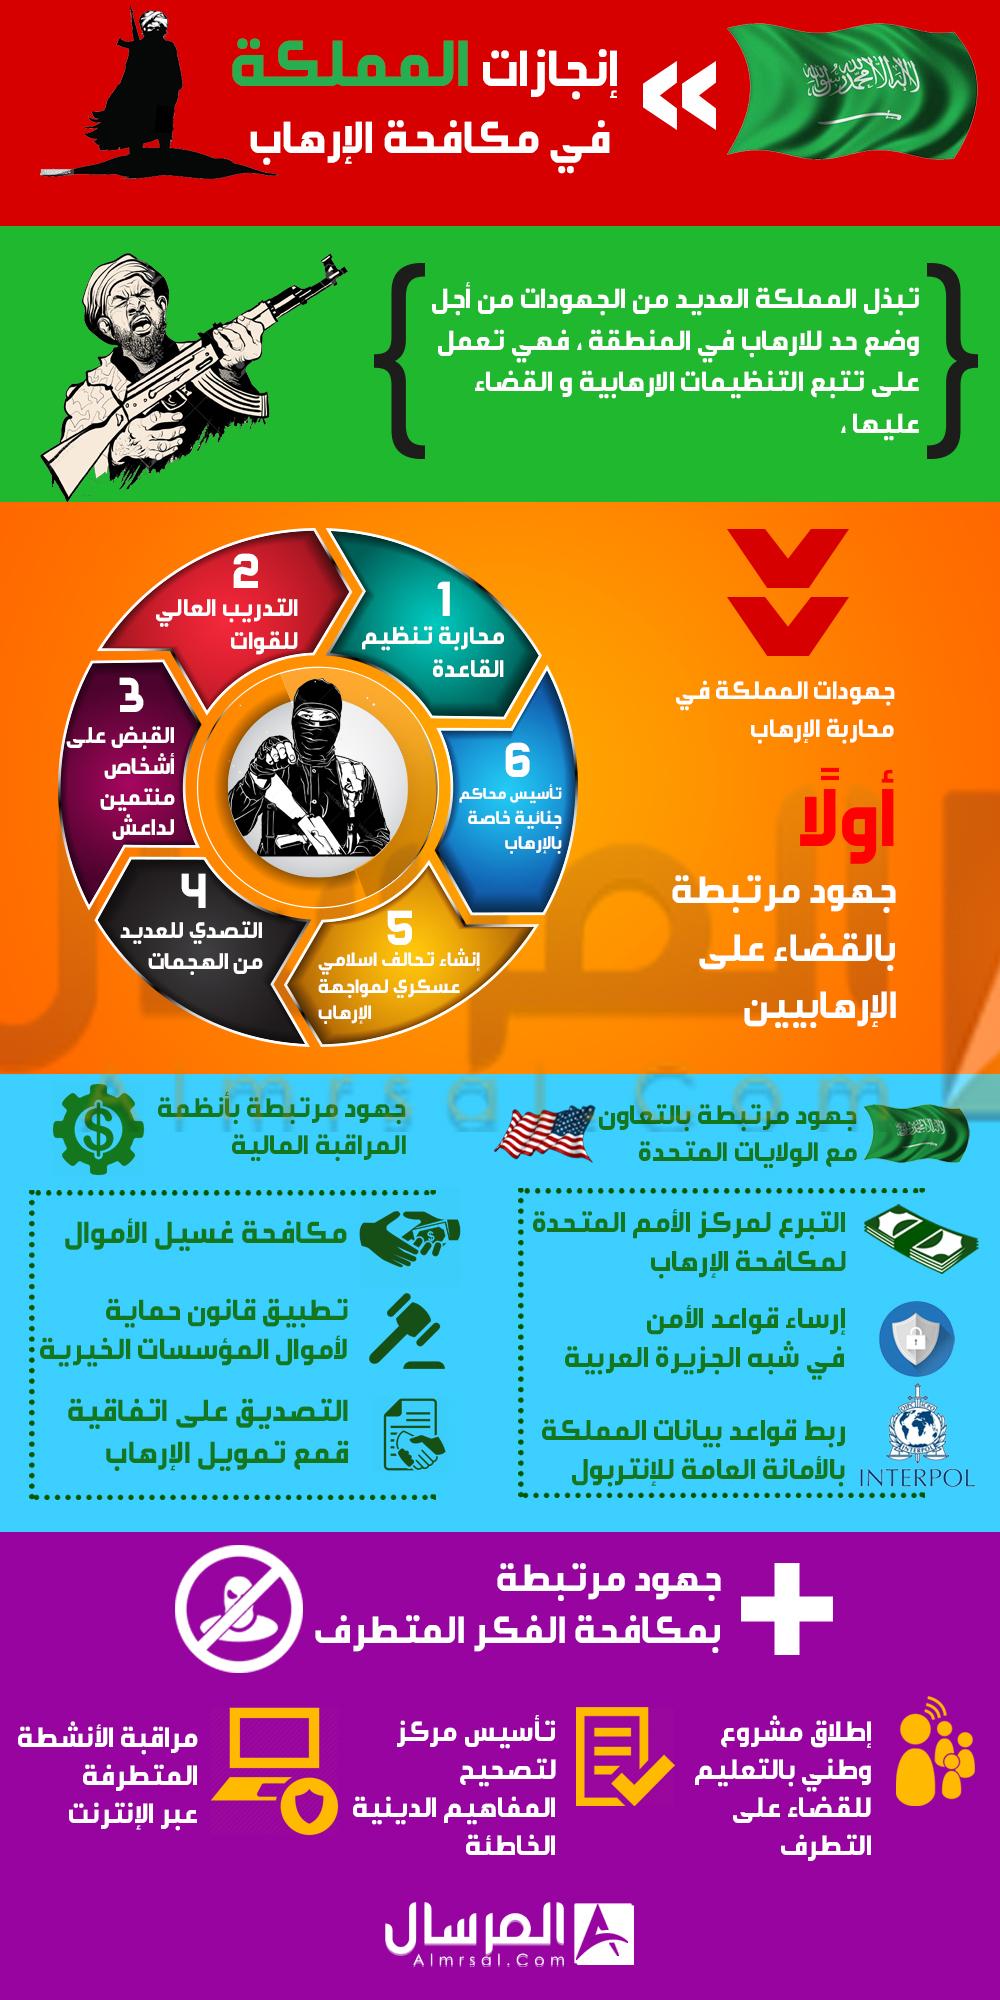 انجازات المملكة في مكافحة الارهاب المرسال